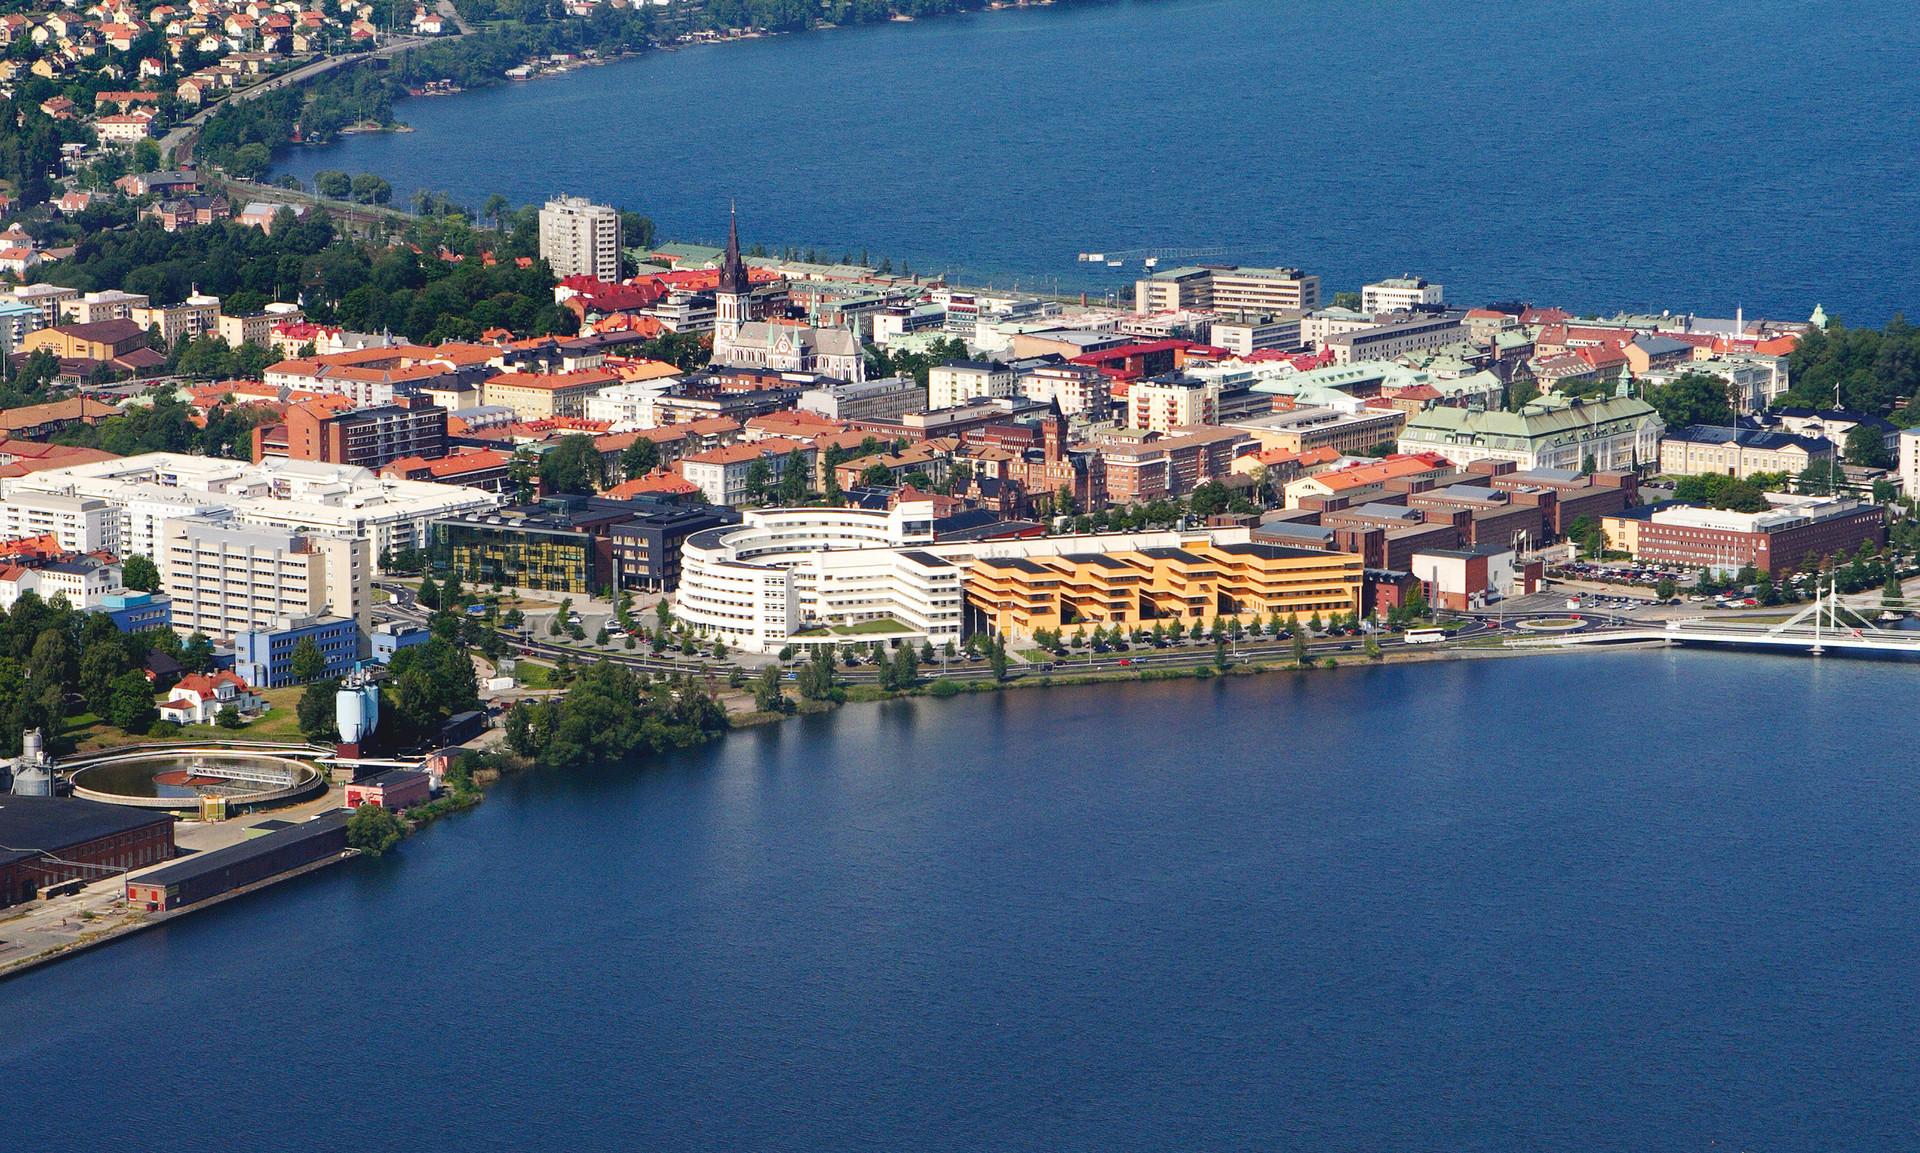 Experiência de Erasmus em Jönköping, Suécia - Laure